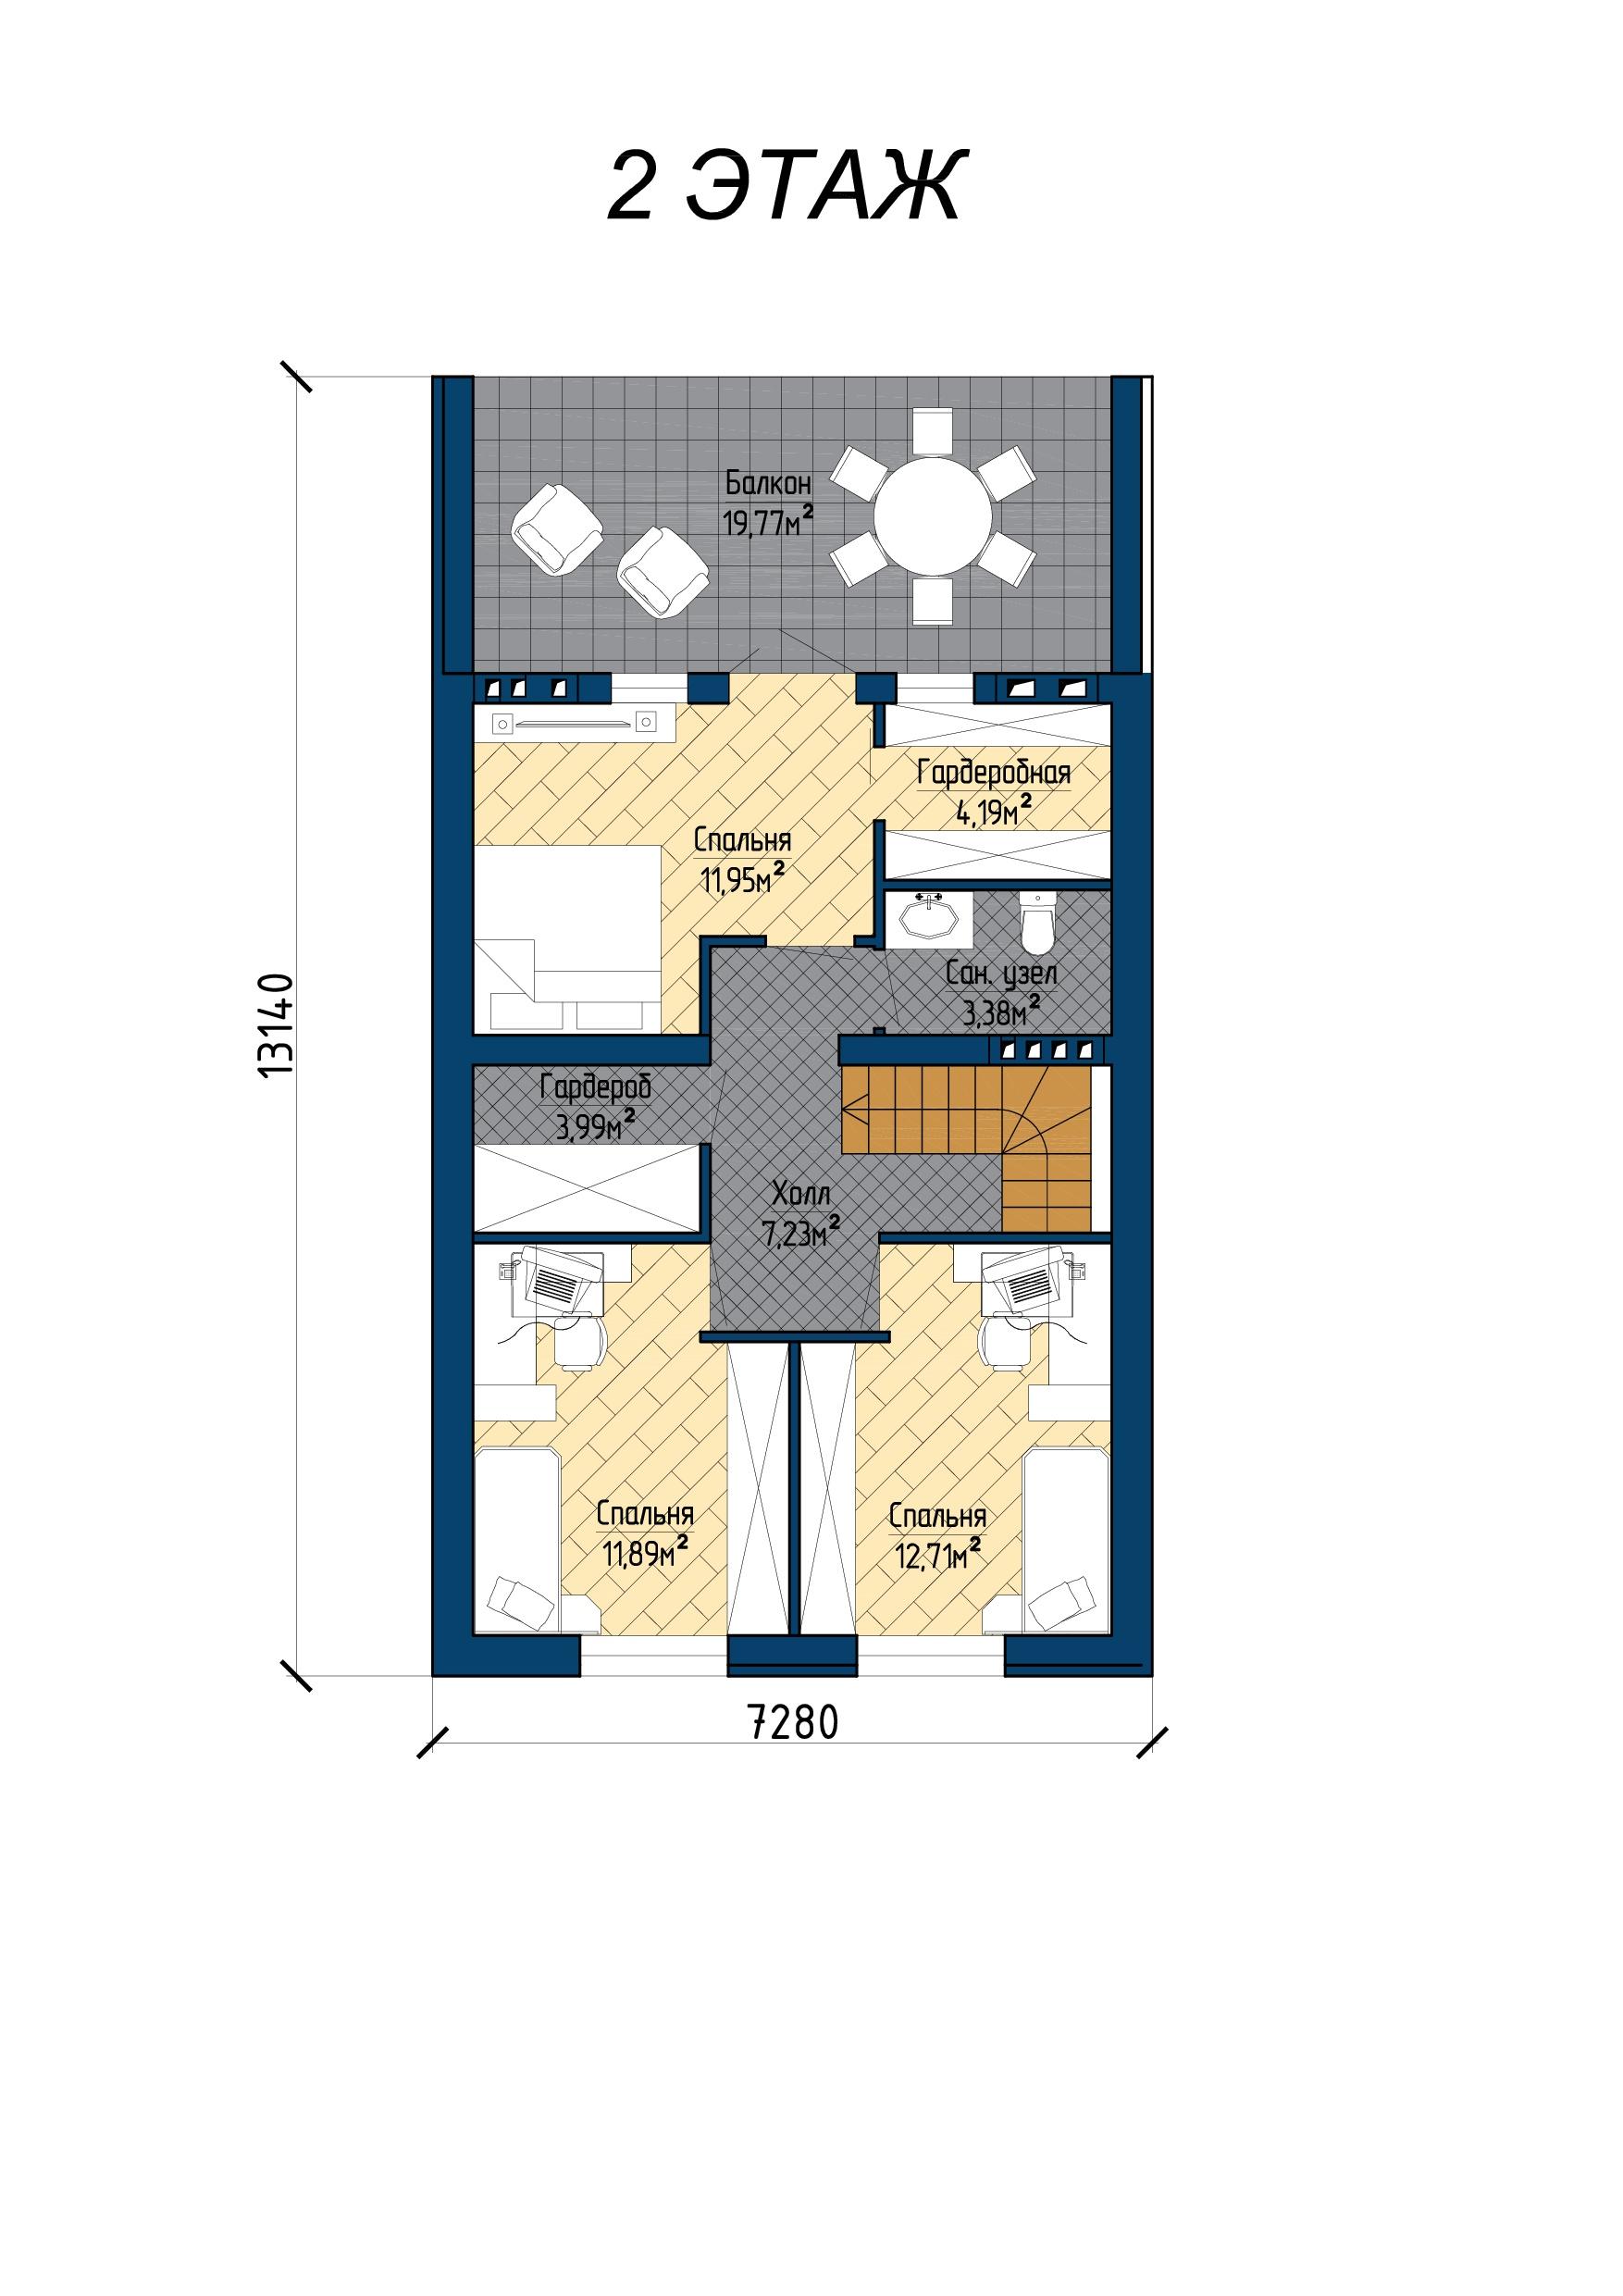 Двухэтажный проект загородного дома А 234 план